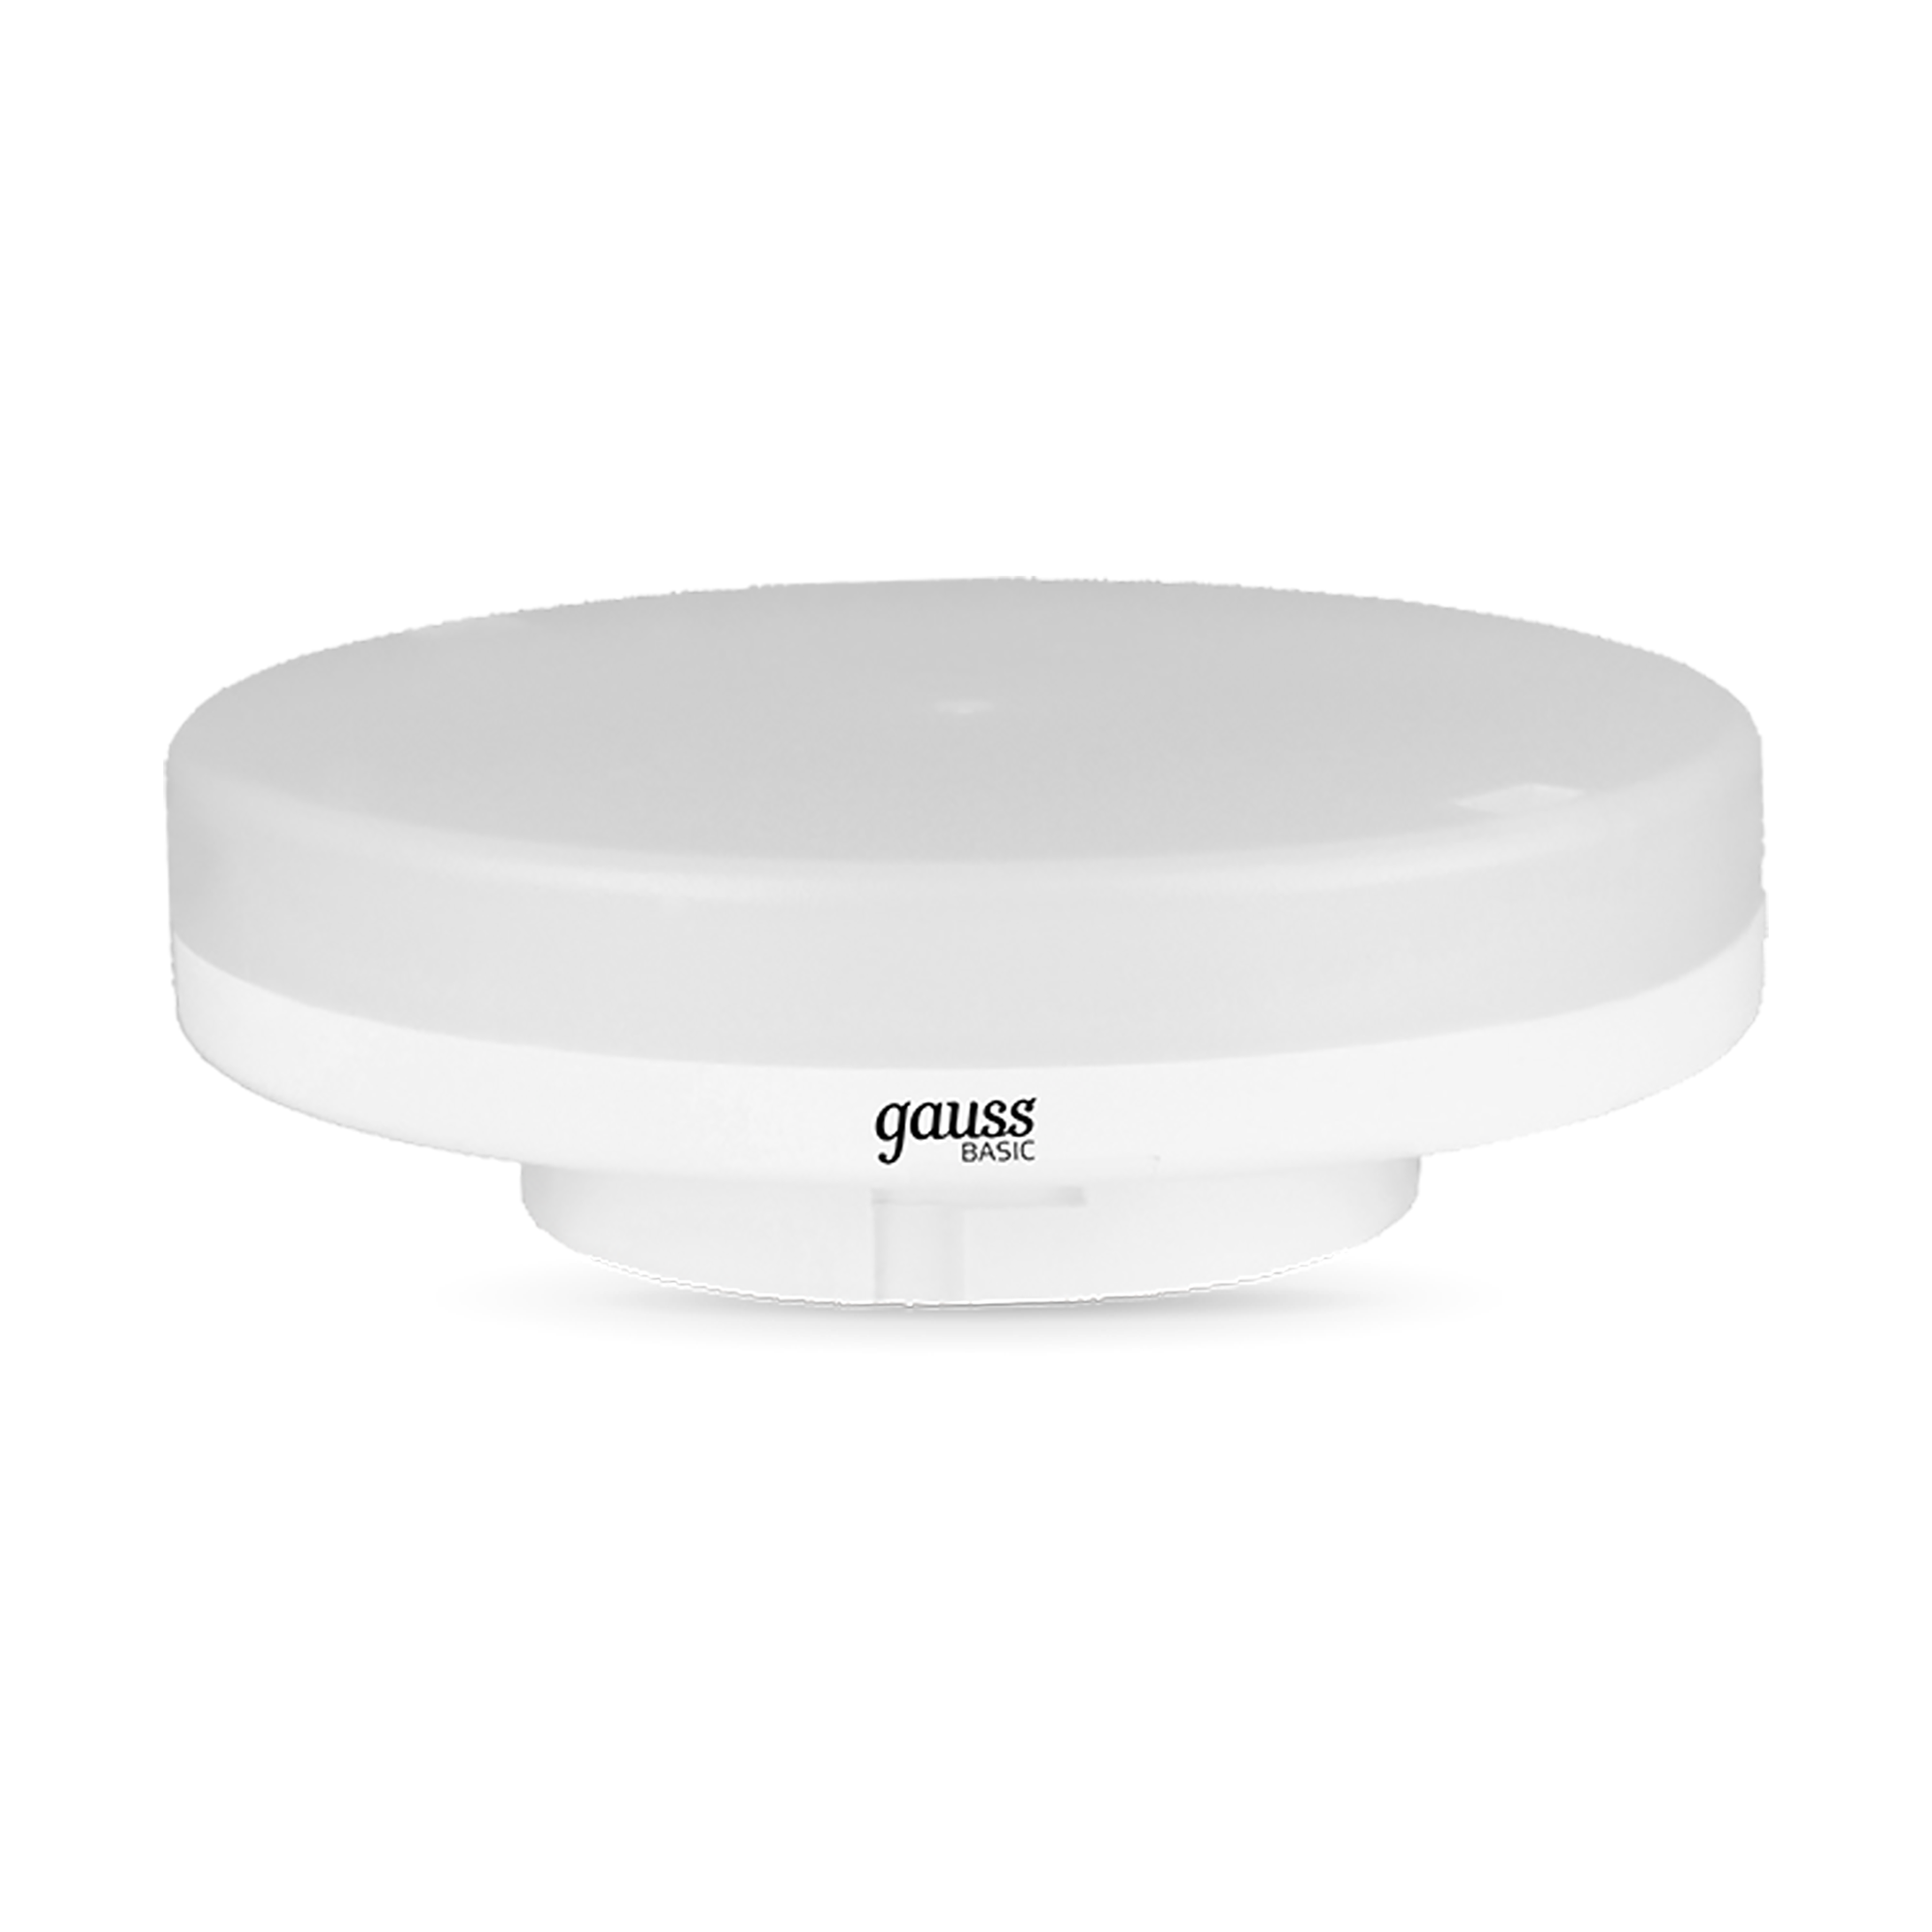 Лампа светодиодная Gauss Basic GX53 230 В 10.5 Вт диск 770 лм свет белый